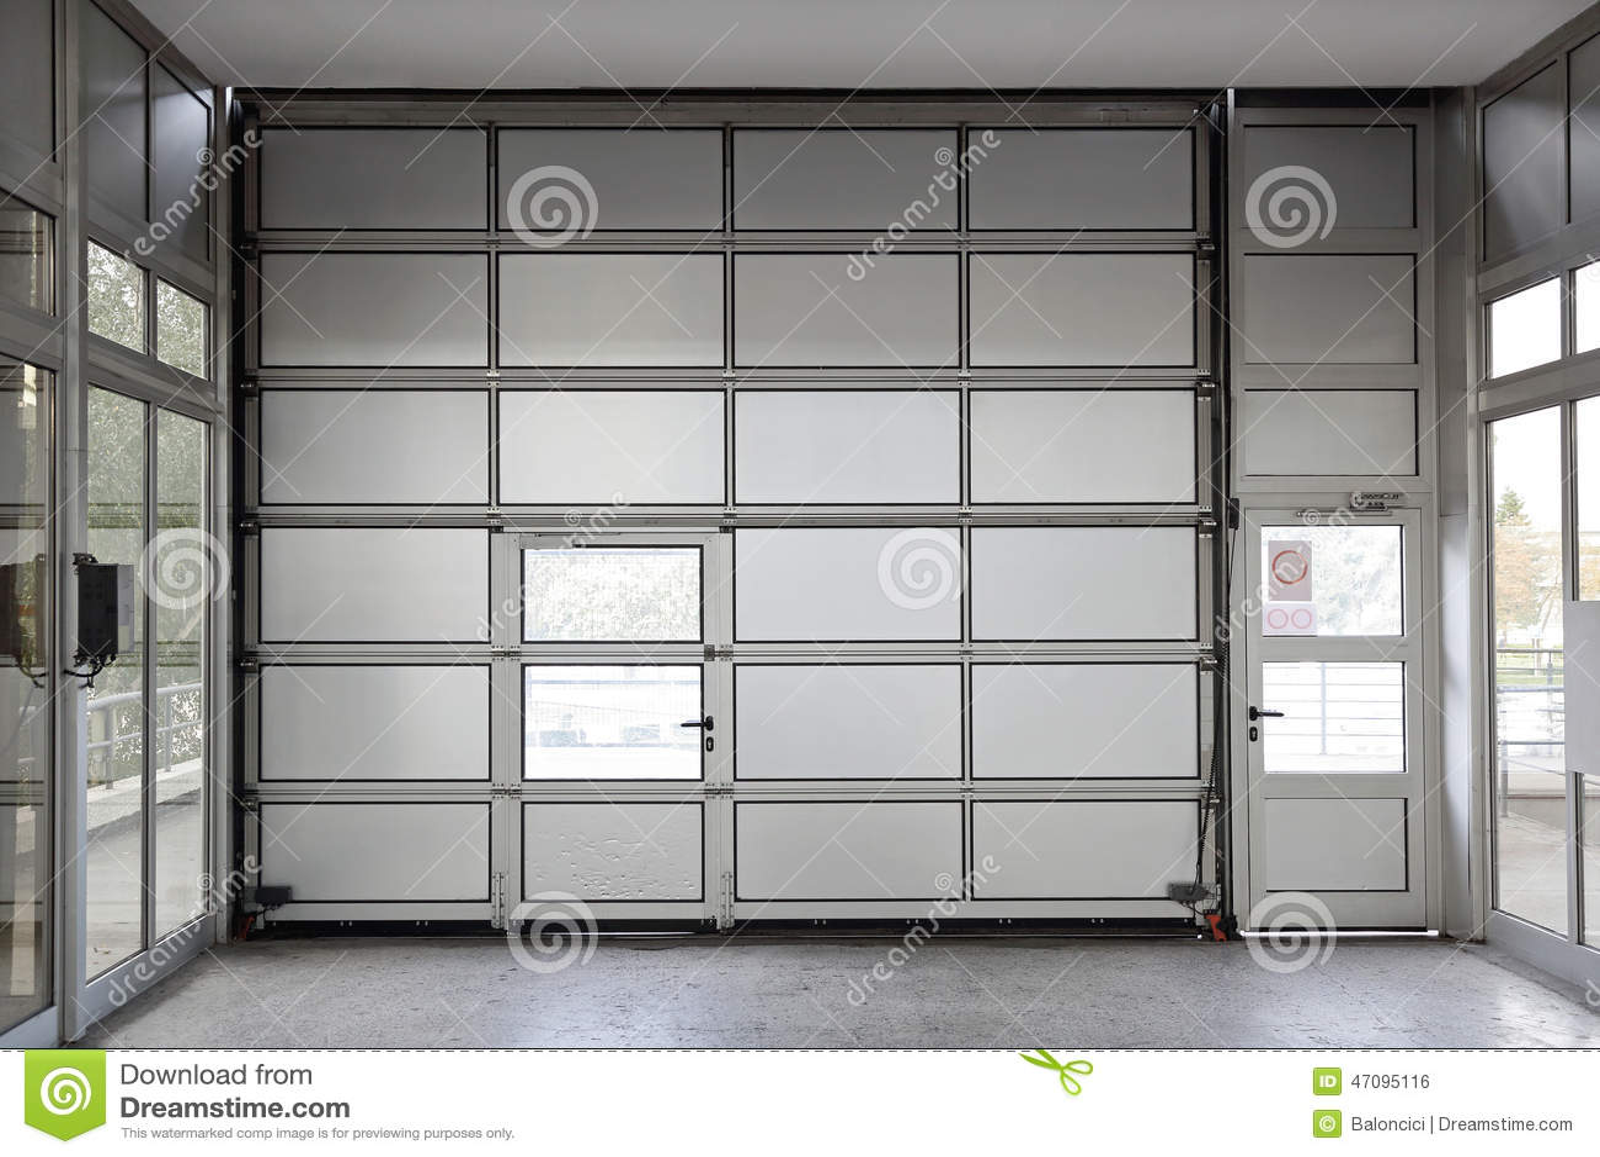 Inspirierend Garagentor Größe Ideen Von Pattern Großer Stockfoto. Bild Von Triell, Gebäude